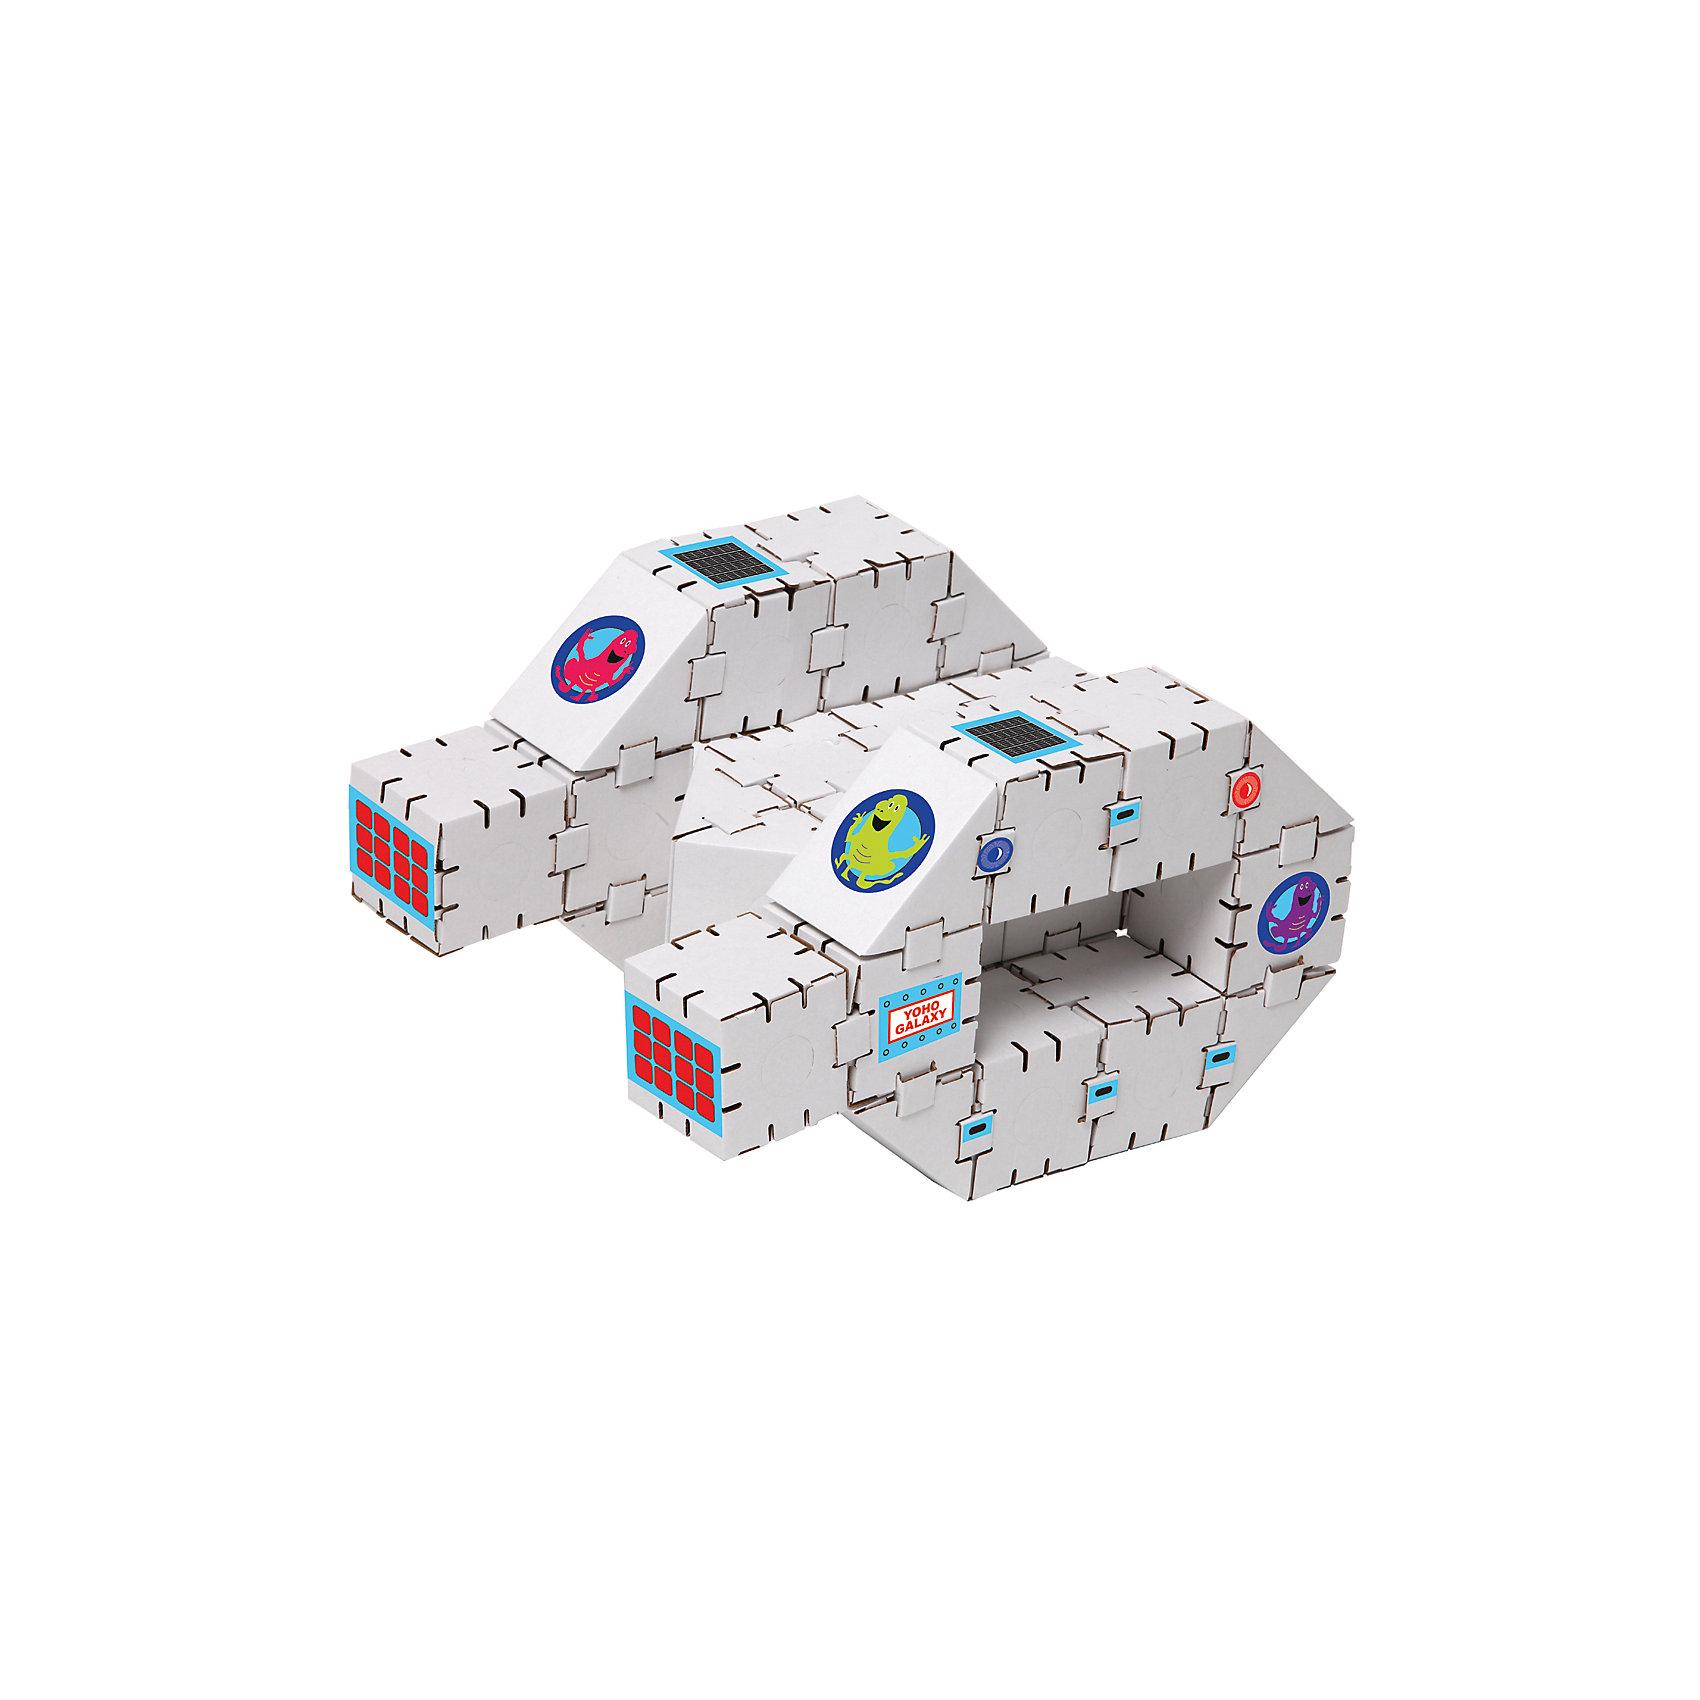 Yohocube Картонный конструктор Звездолет, Yohocube intex звездолет